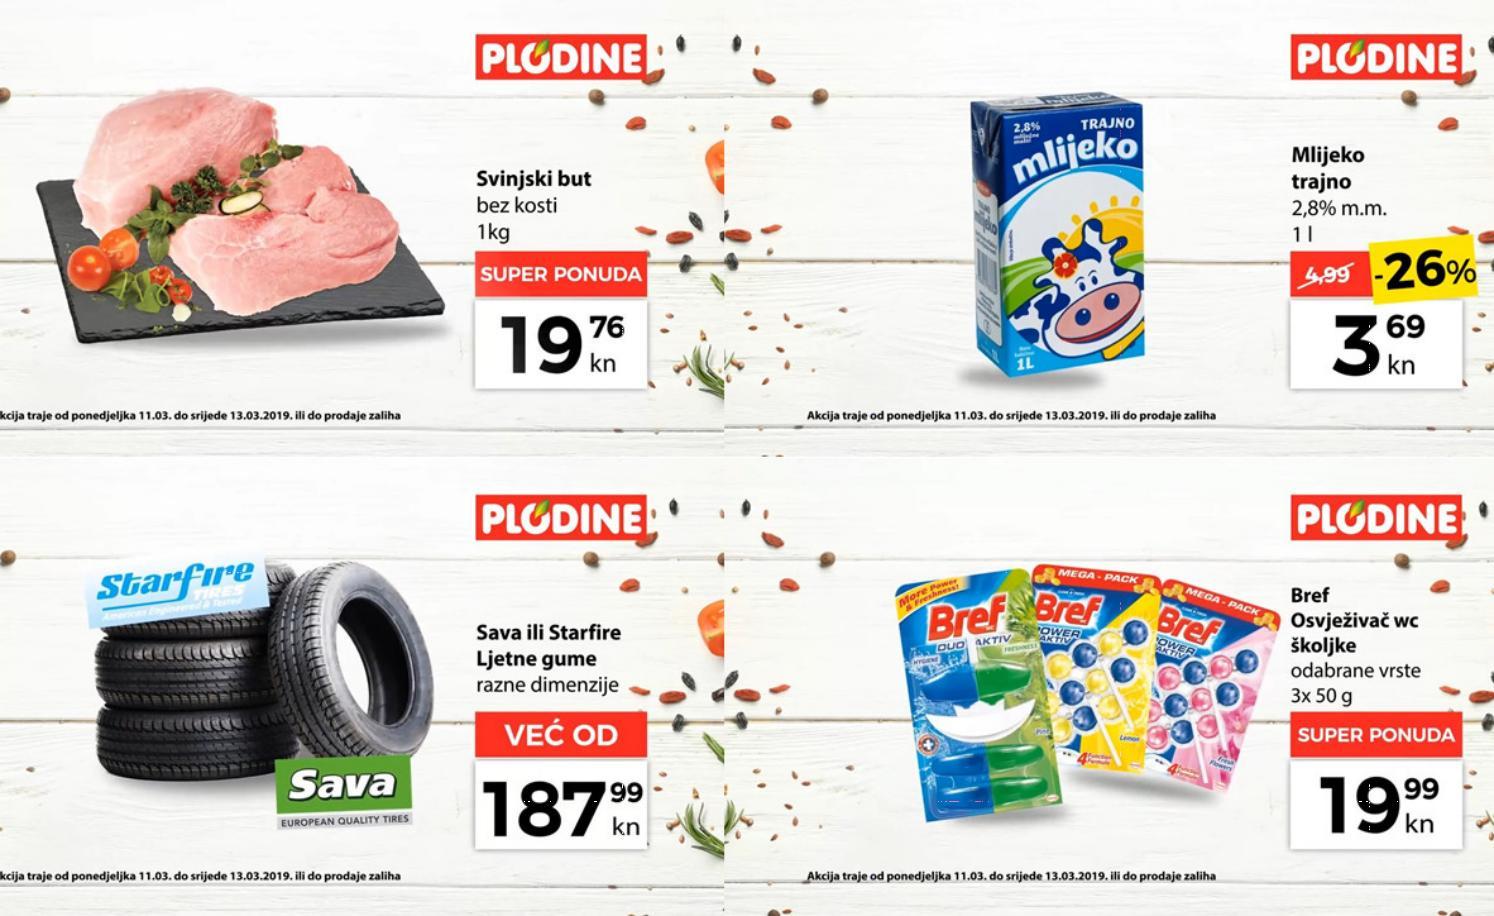 Top ponude za početak tjedna! Od ponedjeljka do srijede, 11.- 13.03.2019.  iskoristite nove popuste i kupujte povoljnije u Plodine supermarketima.